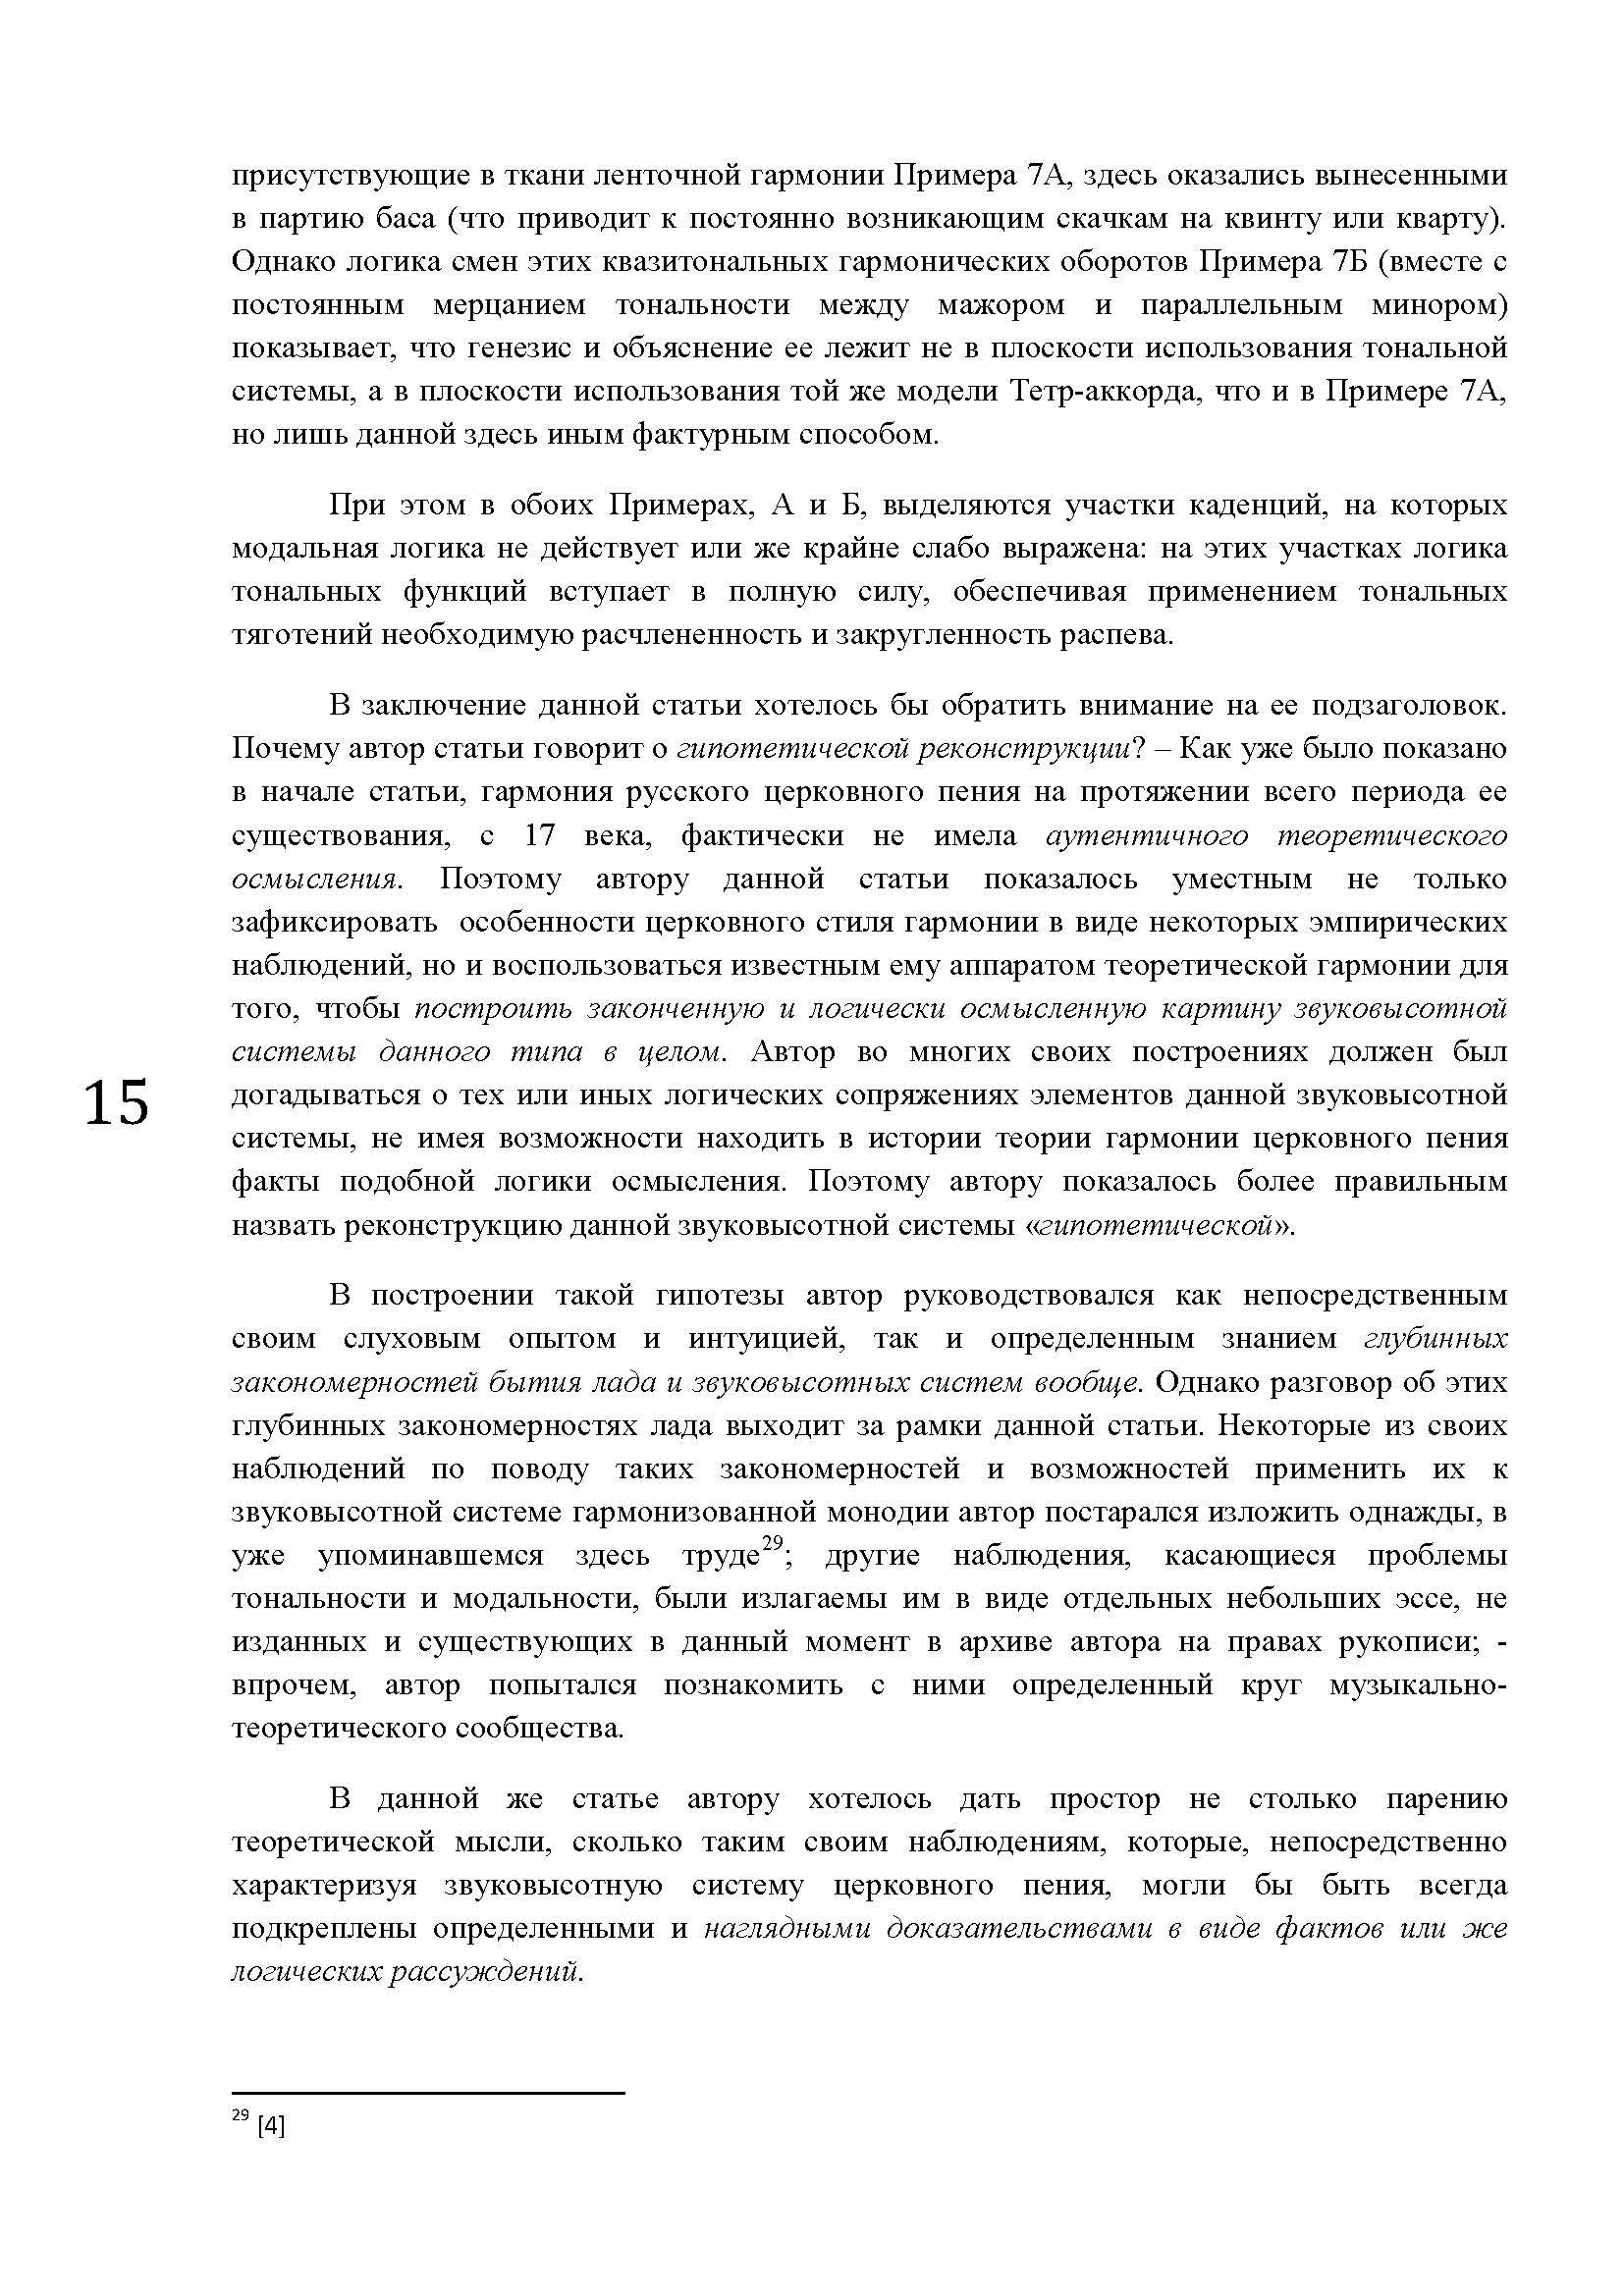 О.ФИЛИПП_ГАРМОНИЯ_ПАРТЕСНОГО_ПЕНИЯ_+_Страница_15